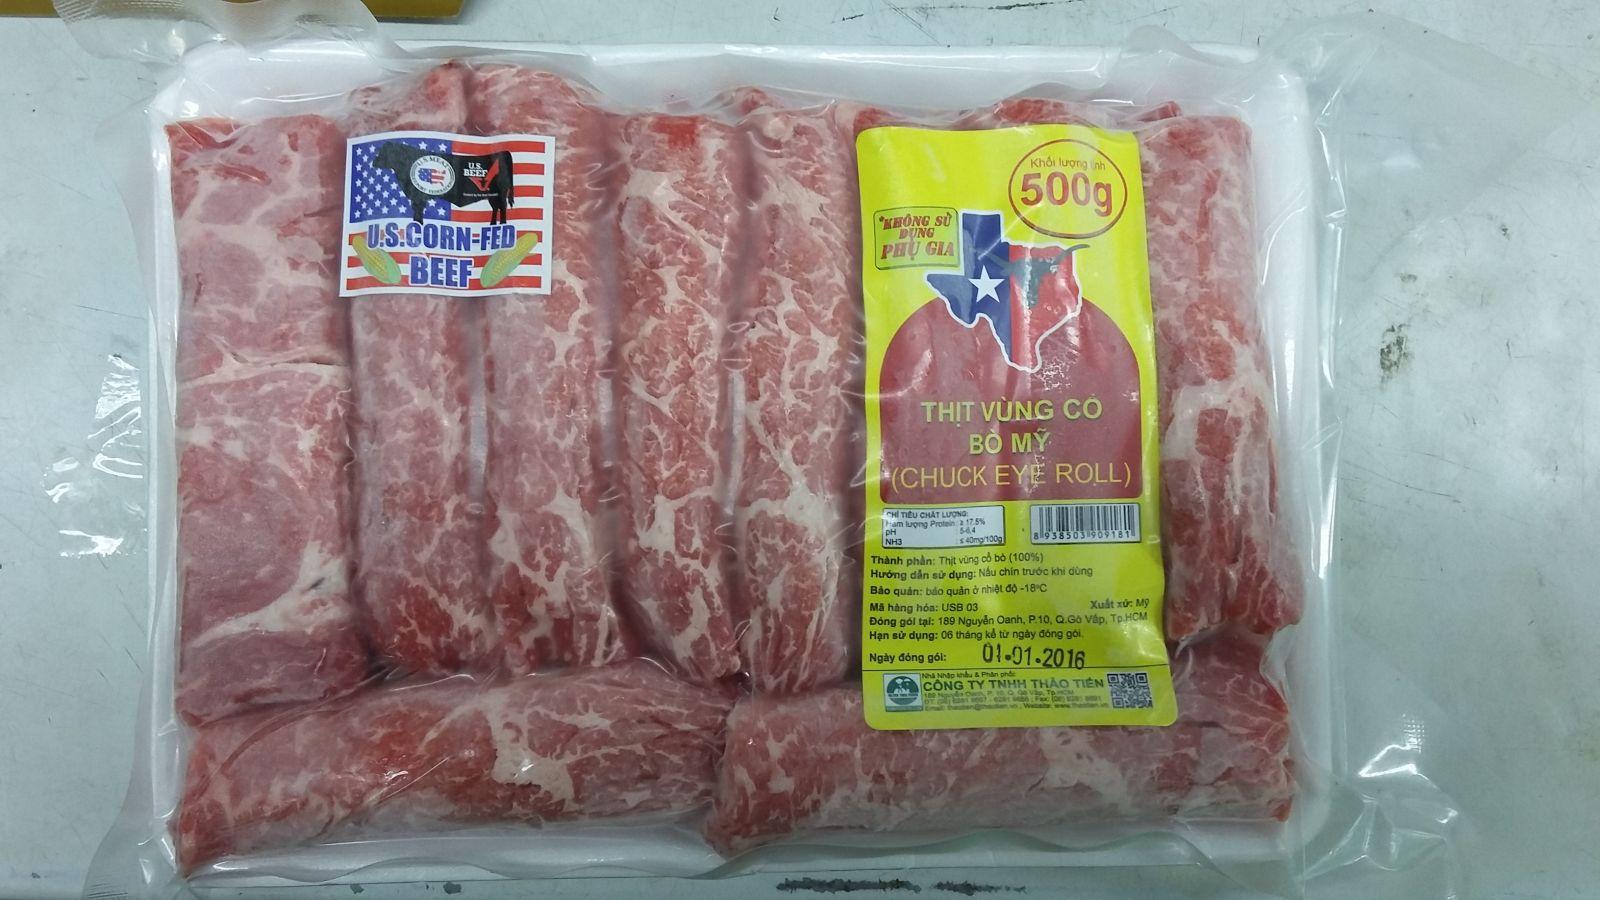 thịt bò mỹ: Thị Trường Cung Cấp Thịt Bò Nhập Khẩu Đúng Thương Hiệu